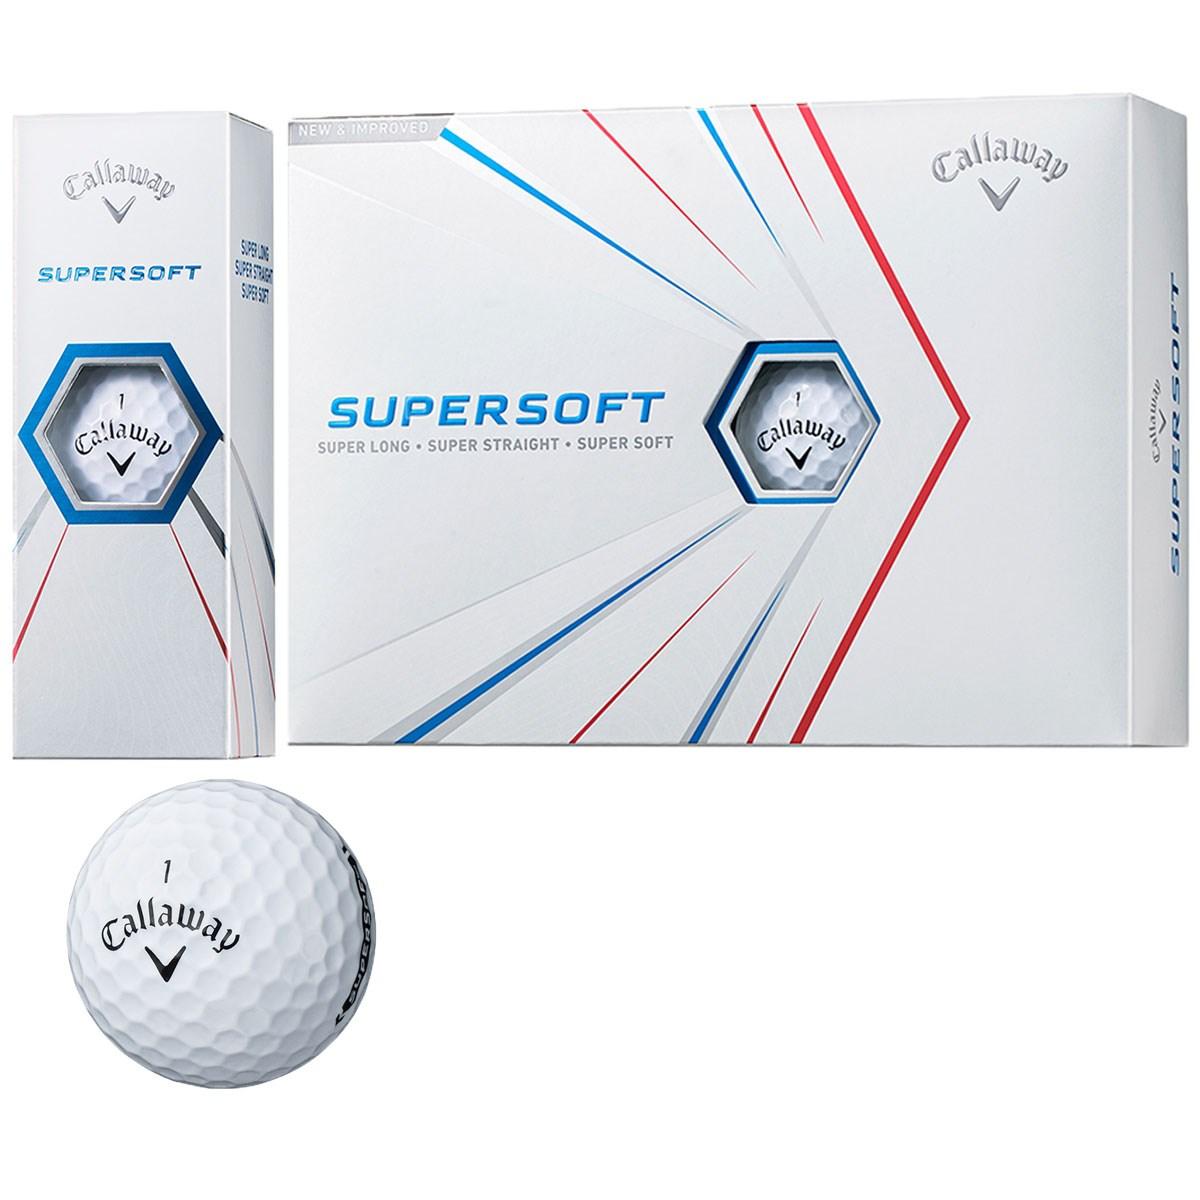 キャロウェイゴルフ(Callaway Golf) SUPERSOFT 21 ボール【2021年3月5日発売予定】